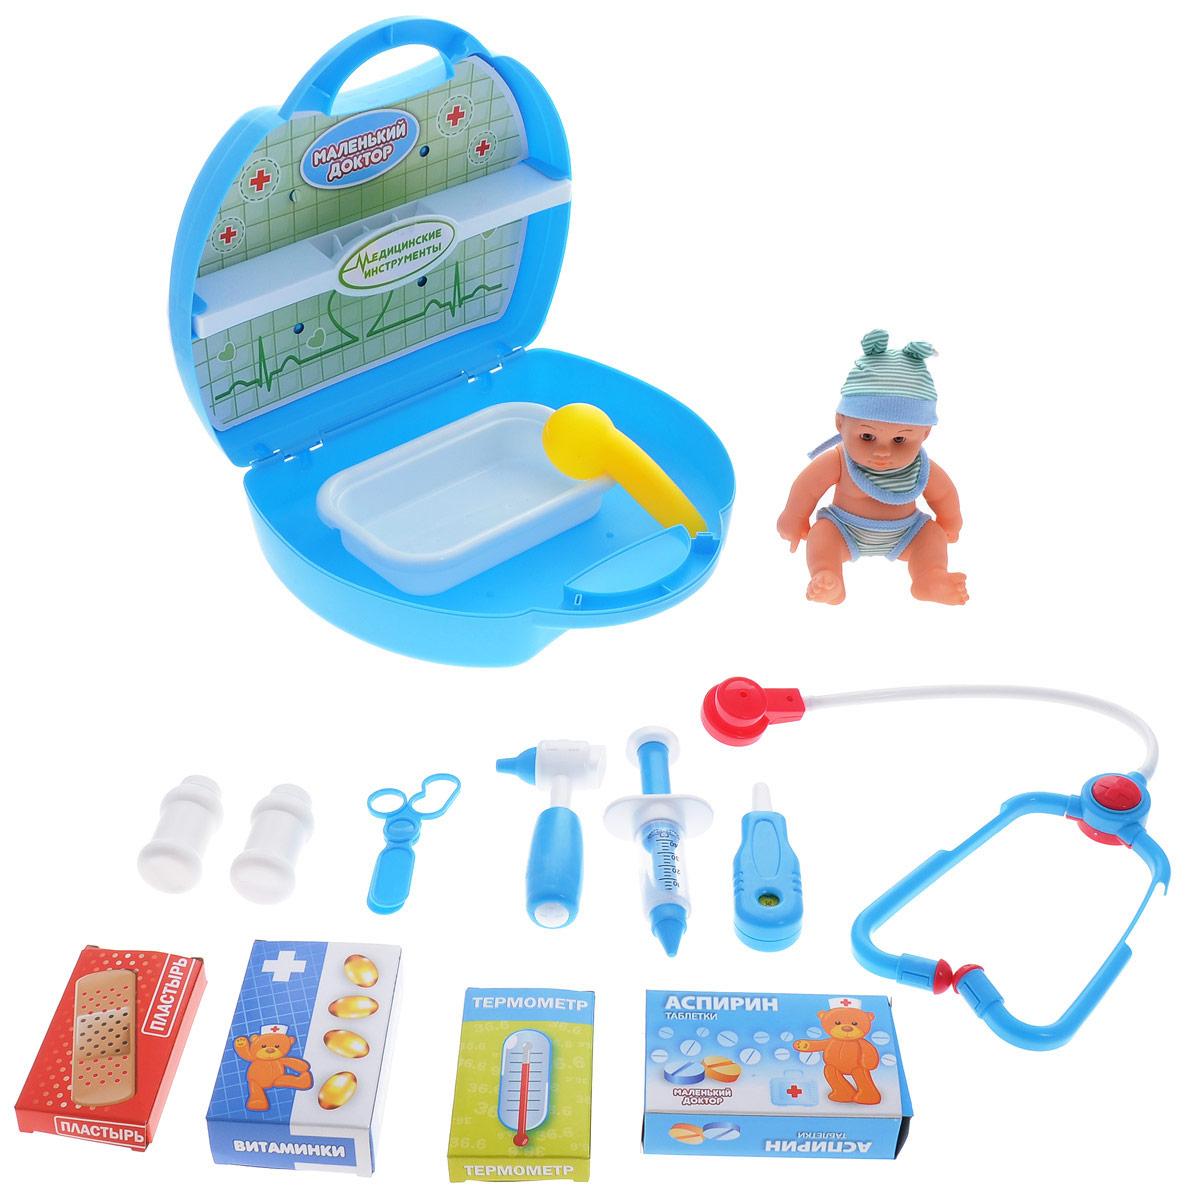 ABtoys Игровой набор Маленький доктор 16 предметовPT-00320Игровой набор ABtoys Маленький доктор включает в себя 16 предметов, при помощи которых ребенок сможет производить осмотр игрушечным пациентам, назначать лечение, и лечить. Набор доктора упакован в кейс с удобной ручкой для переноски. В наборе доктора есть стетоскоп, 2 баночки с лекарствами, ножницы, шприц, отоскоп, термометр, массажер, ванночка, 2 коробки с лекарствами, коробка для термометра, пластырь, пупс, наклейки. С этим замечательным набором малыш сможет почувствовать себя квалифицированным специалистом. Теперь все игрушки будут совершенно здоровы!